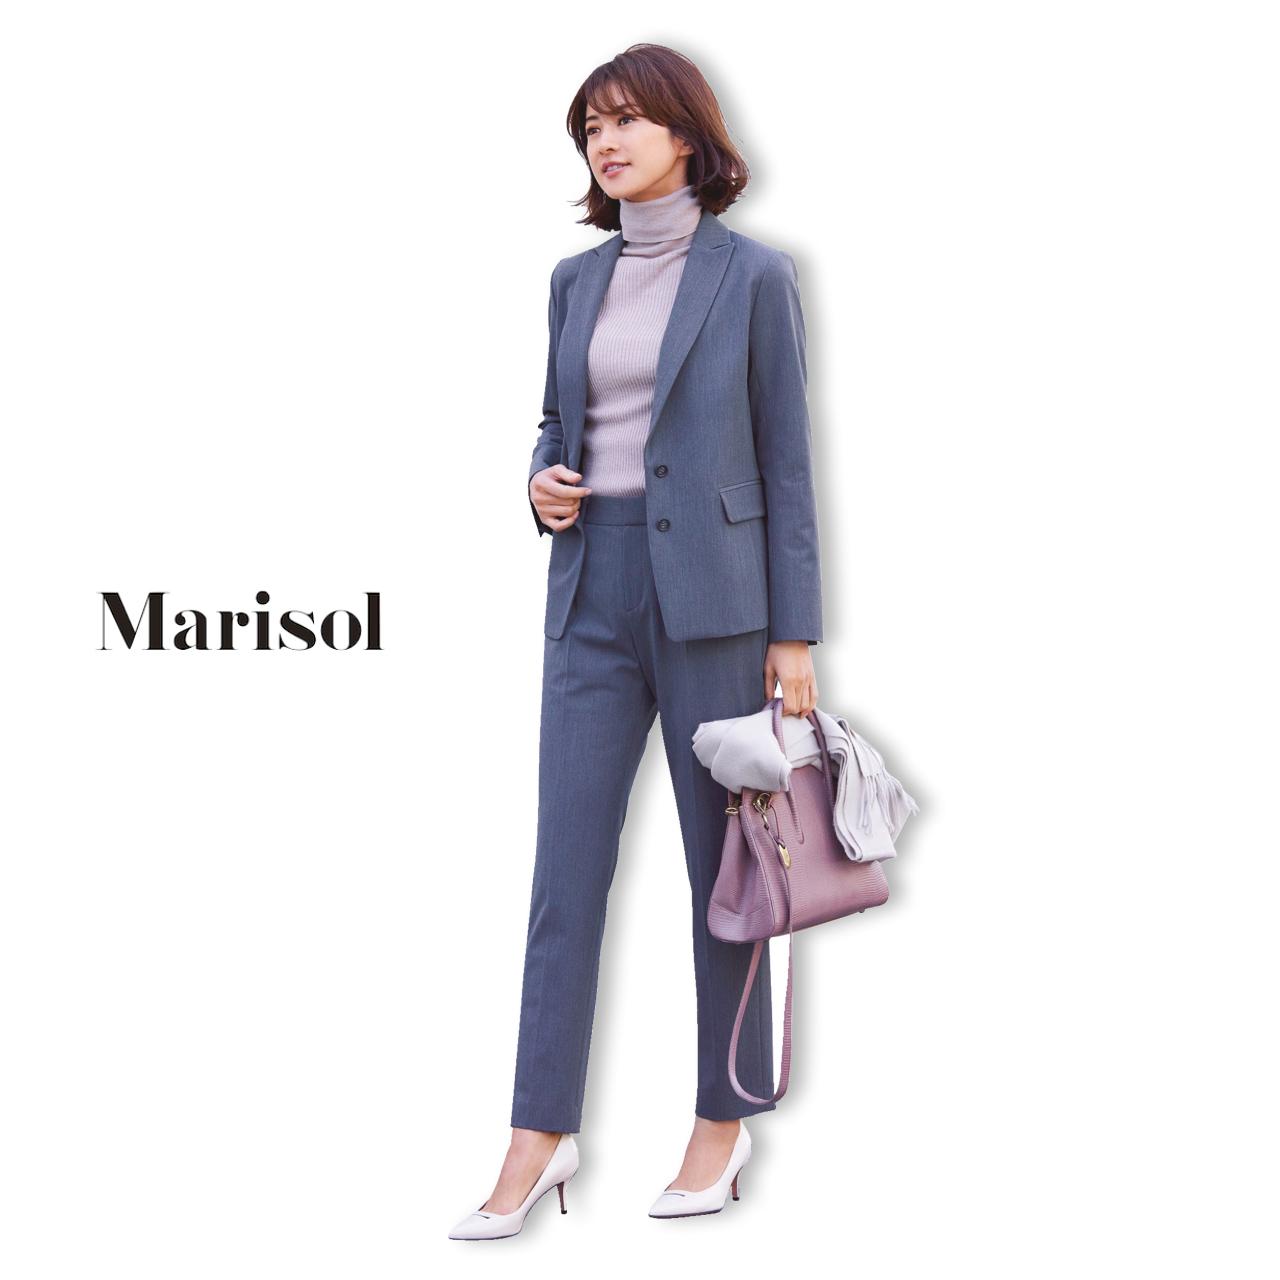 40代ファッション セットアップパンツコーデ